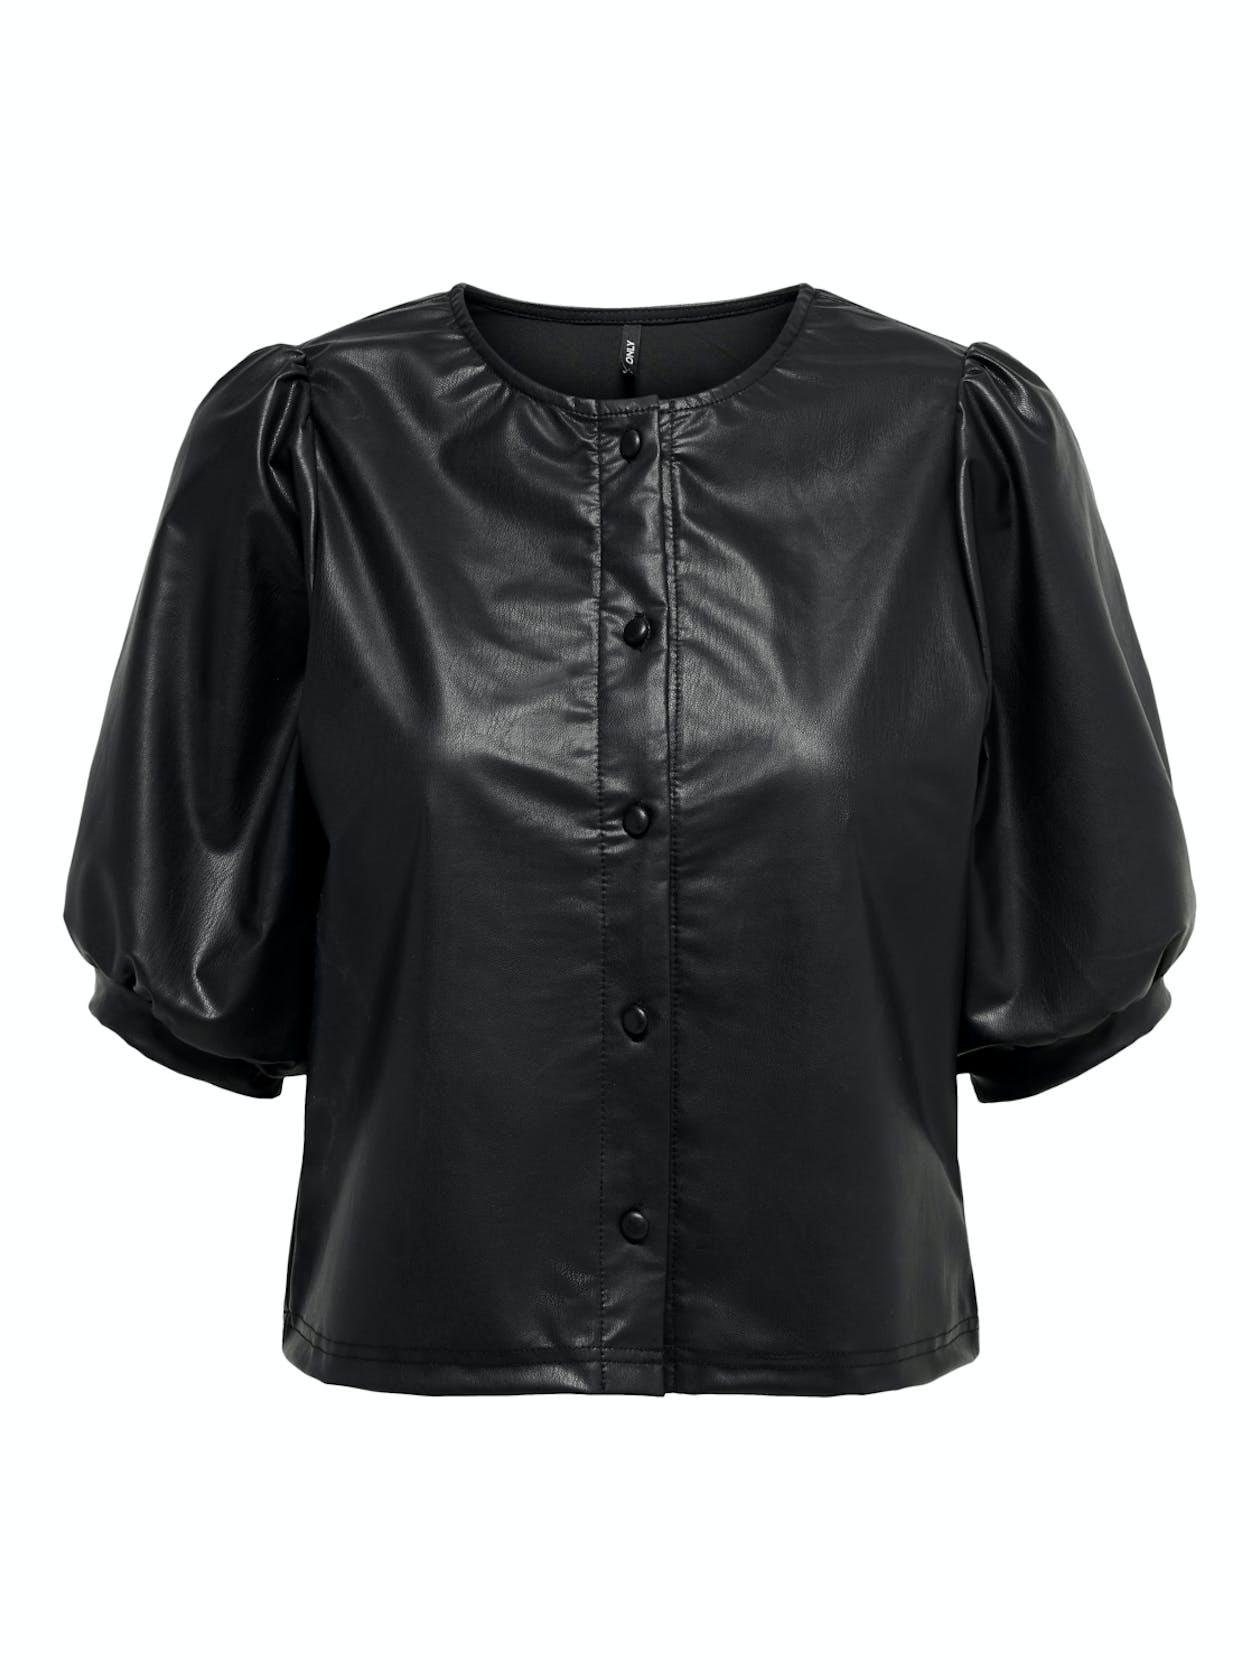 schwarze cropped Bluse aus Lederimitat von Only